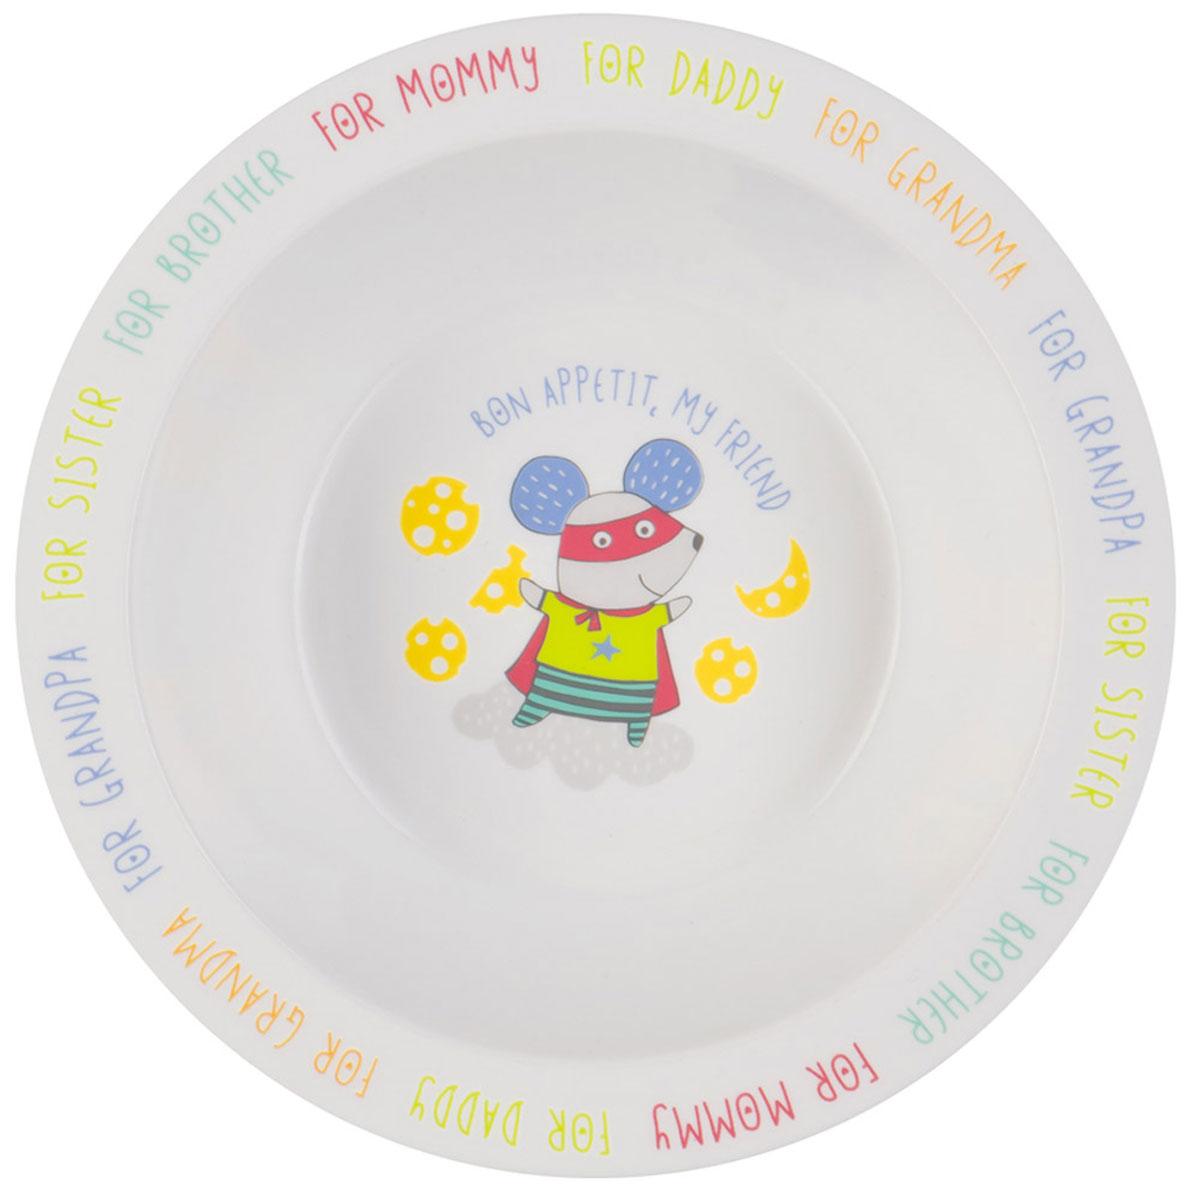 Happy Baby Тарелка детская Мышка15016 NEW_мышкаТарелка детская Happy Baby Мышка изготовлена из безопасного материала. Тарелочка, оформленная веселой картинкой, понравится и малышу, и родителям! Ребенок будет с удовольствием учиться кушать самостоятельно. Тарелочка подходит для горячей и холодной пищи. Яркий дизайн тарелки превращает процесс кормления в увлекательную игру. Можно использовать в СВЧ-печи и мыть в посудомоечной машине. Подходит для детей от 6 месяцев.